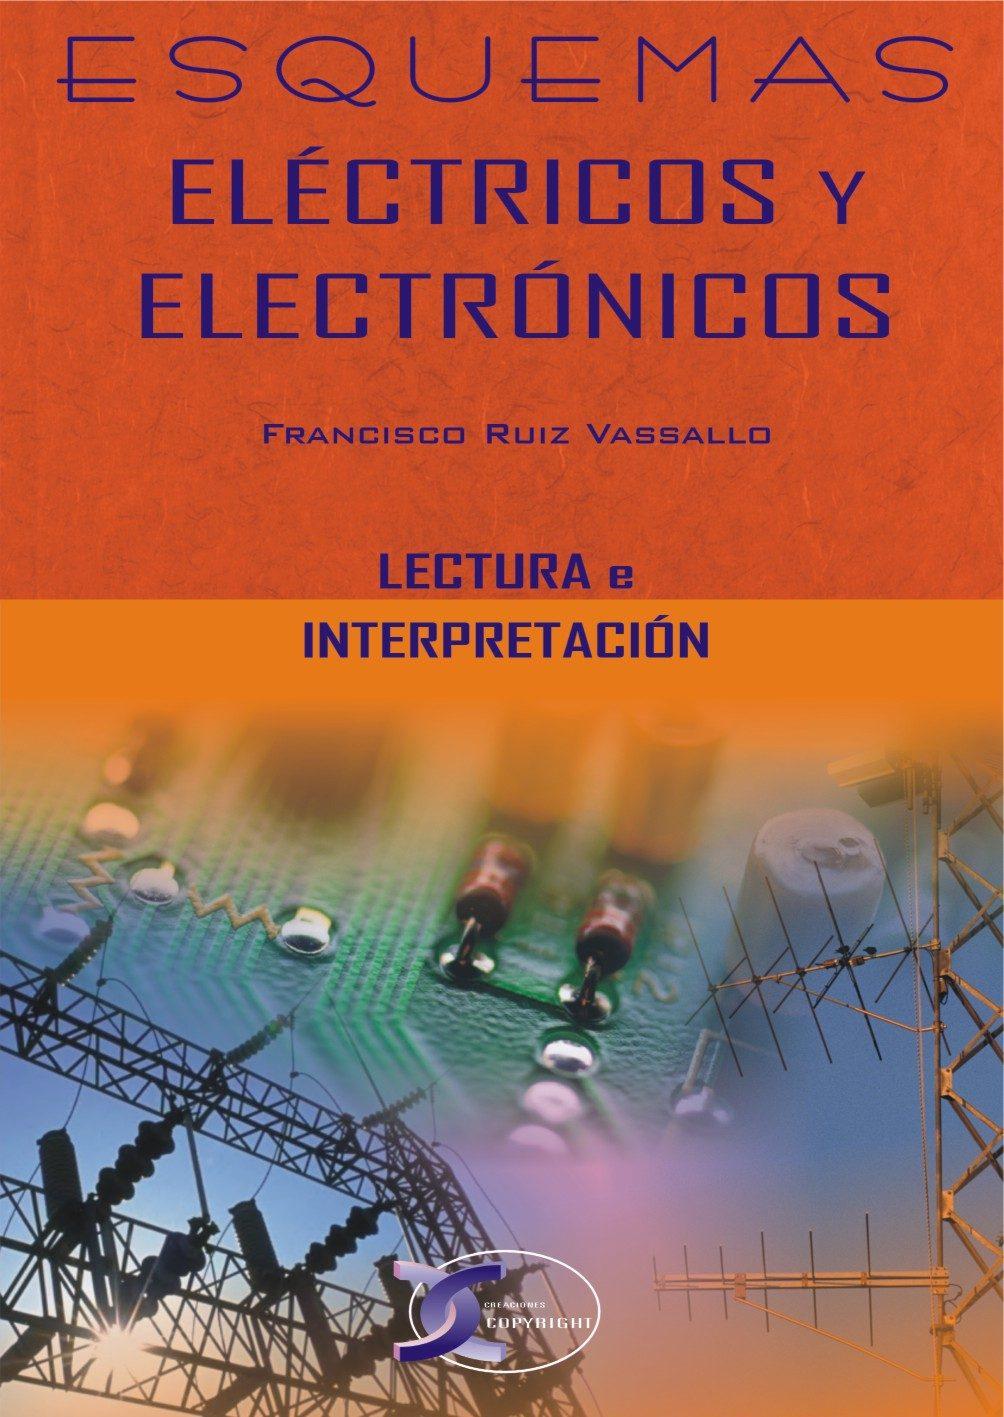 Esquemas Eléctricos Y Electrónicos   por Francisco Ruiz Vassallo